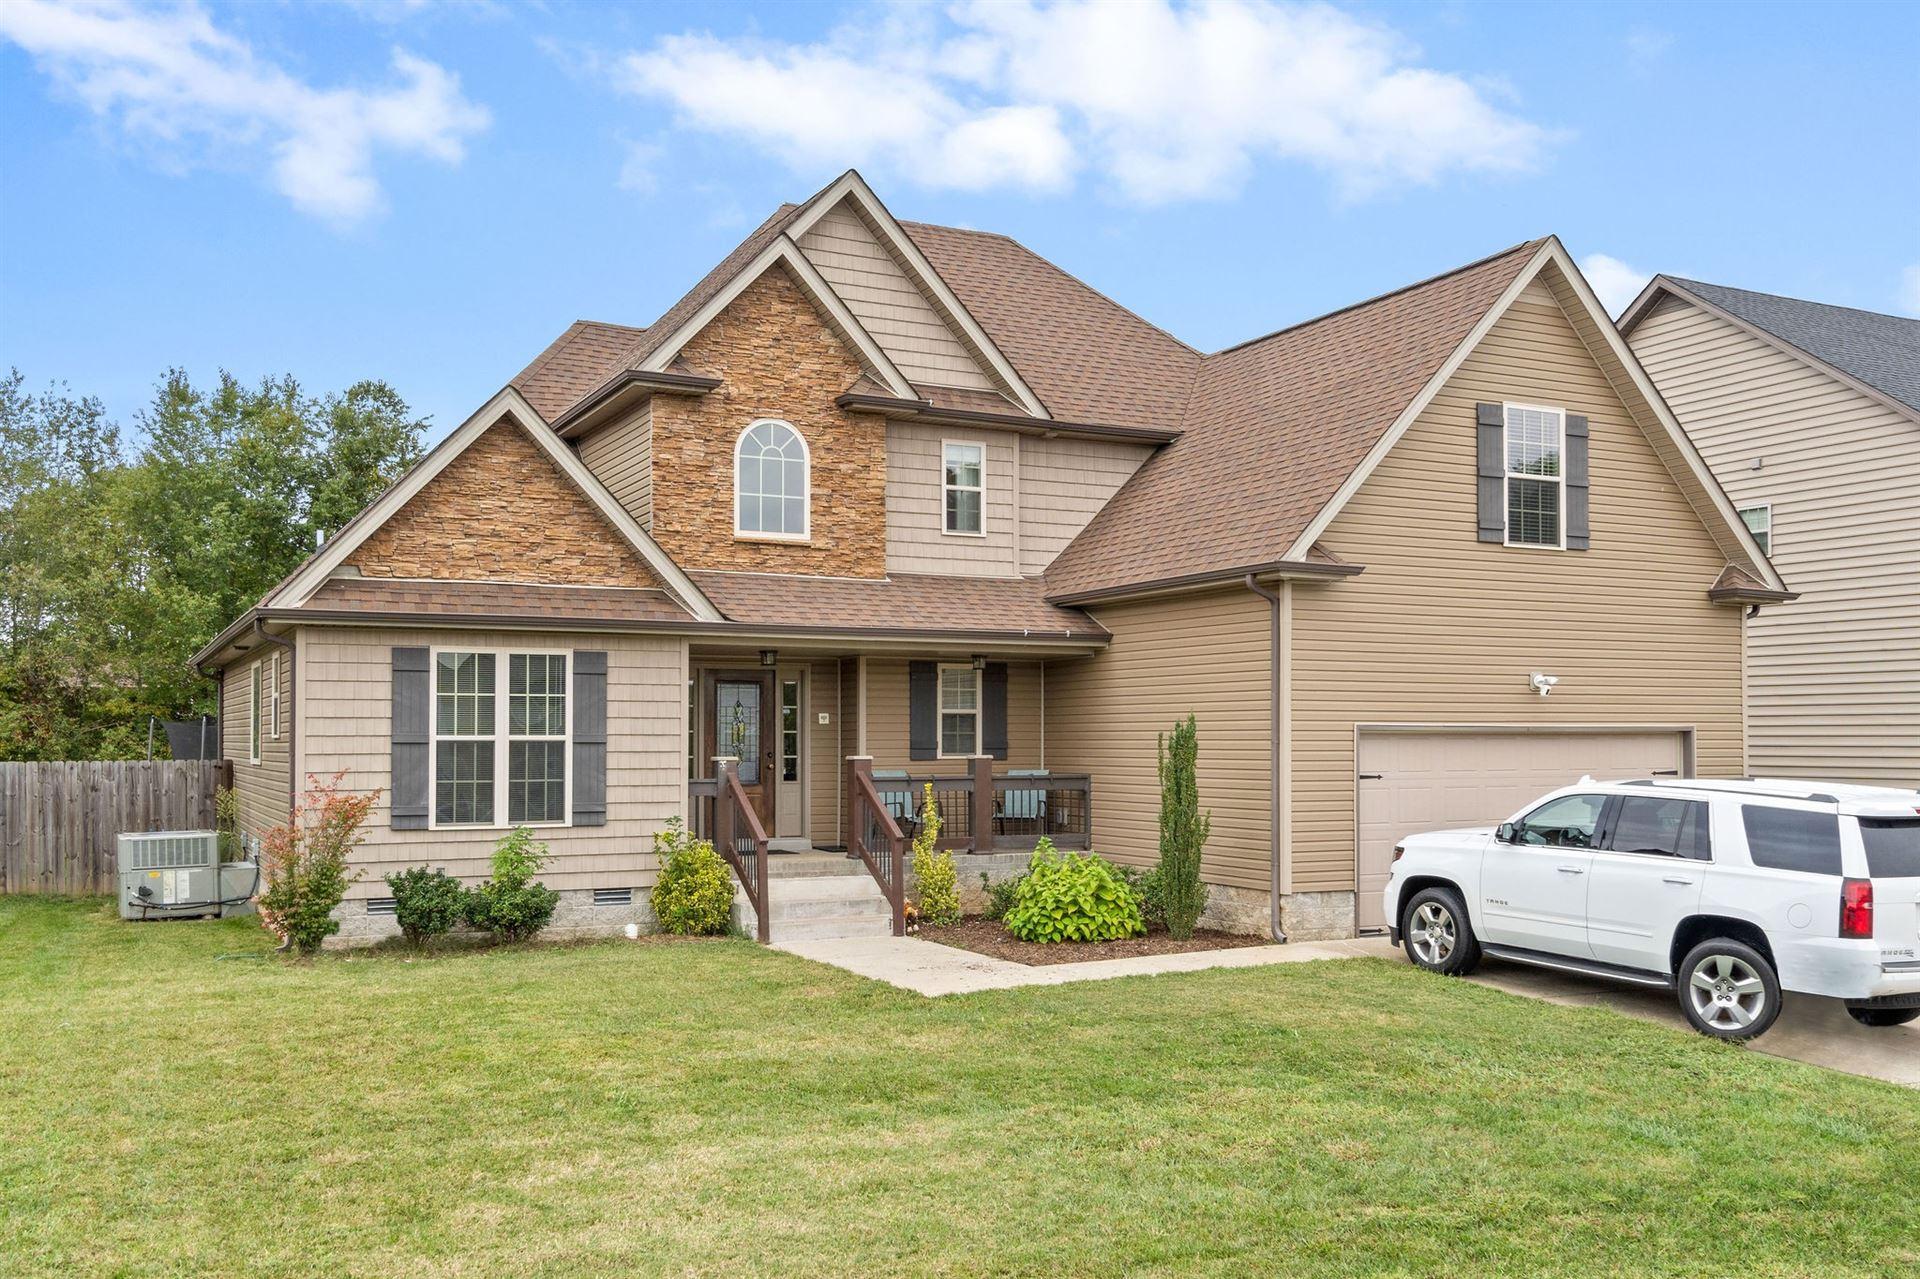 1516 Eads Ct, Clarksville, TN 37043 - MLS#: 2192482